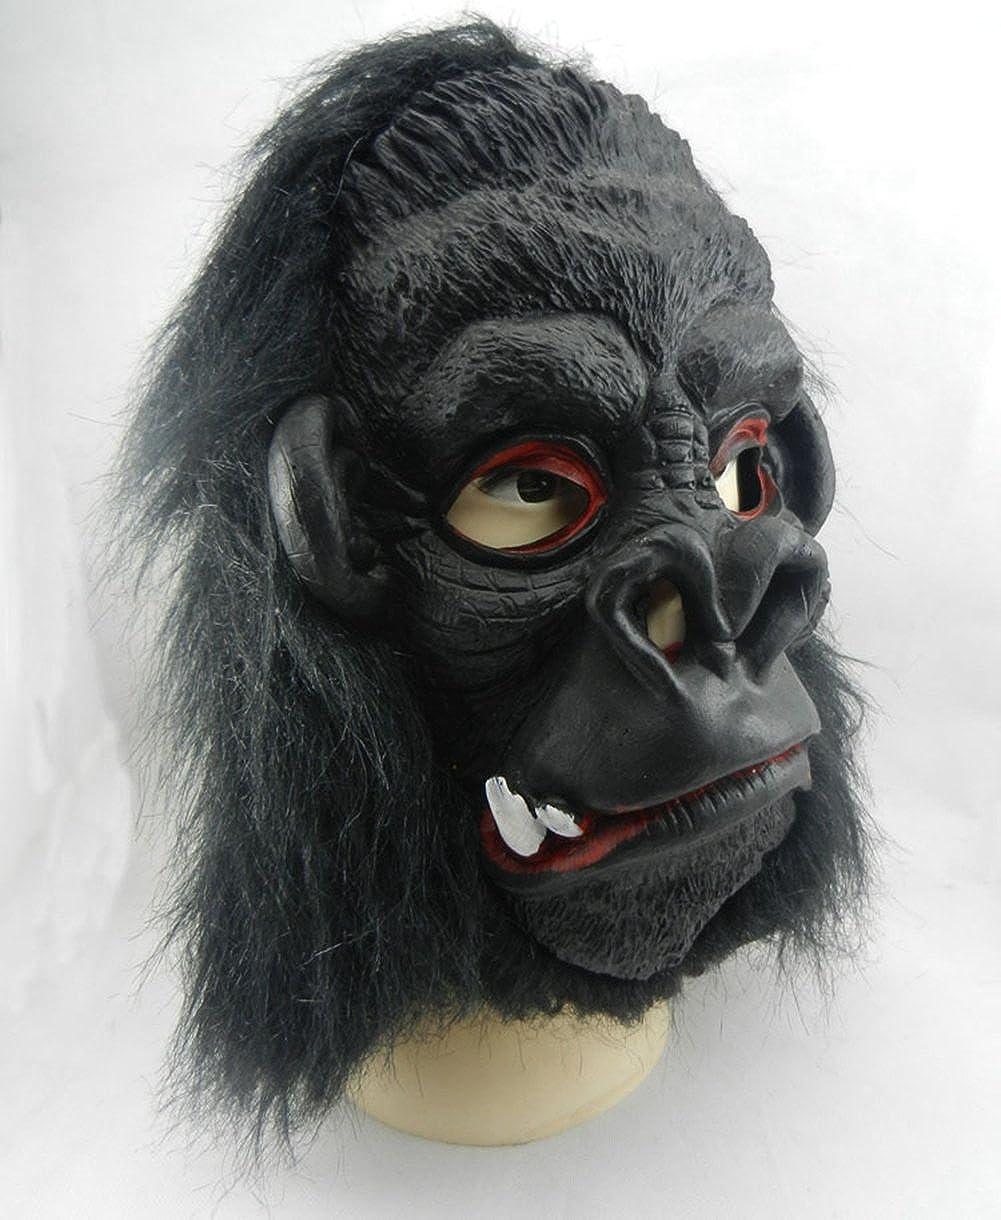 XY Fancy disfraz de Halloween divertido látex máscara, máscara de gorila con orejas grandes juguetes 2 dientes: Amazon.es: Ropa y accesorios